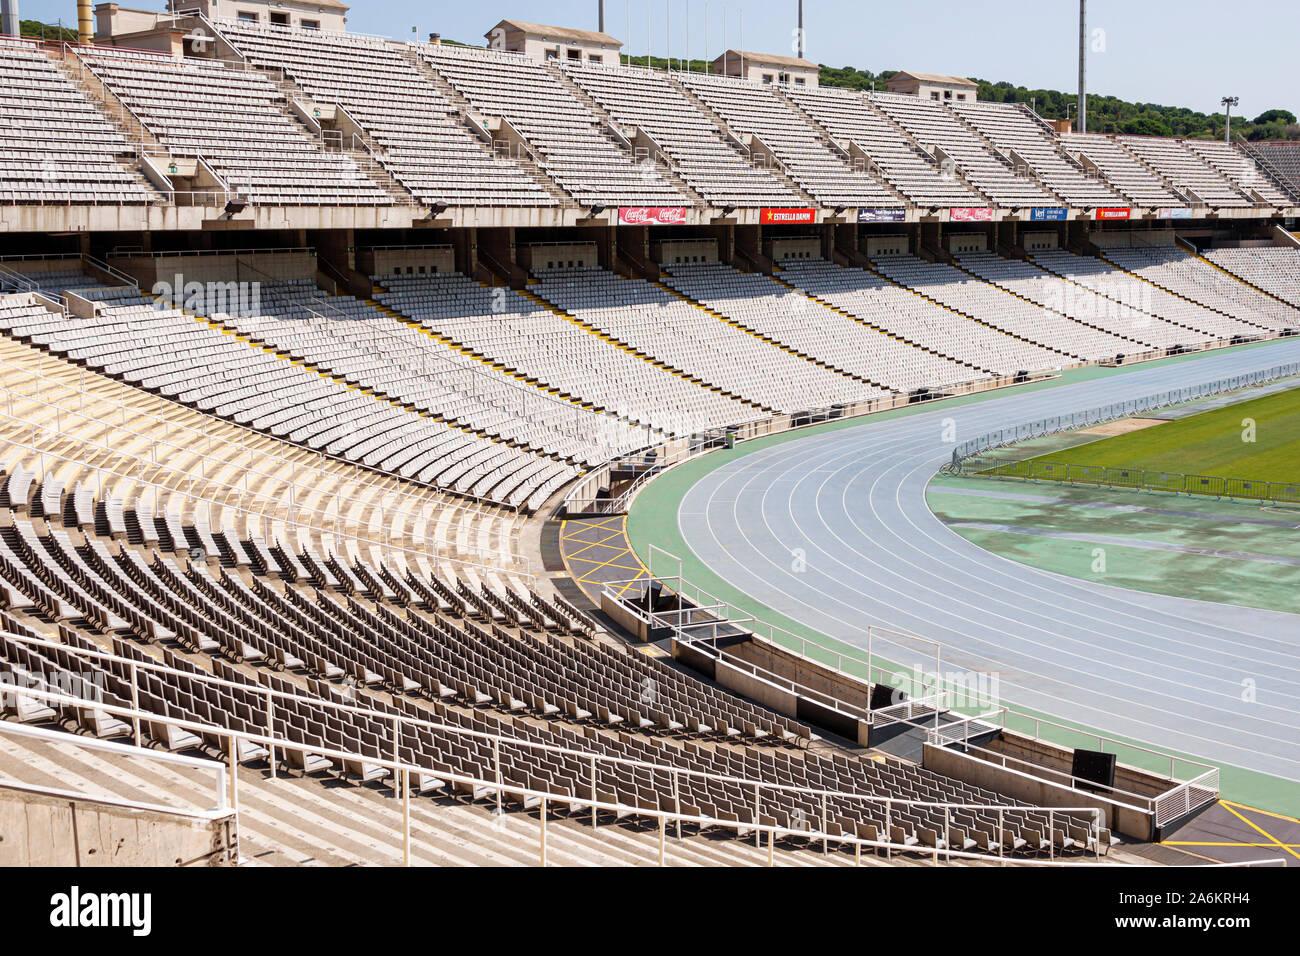 Barcelona ESPAÑA,CATALONIA HISPANICA PARC DE MONTJUIC,Stadi Olimpic Lluis Companys,Estadio Olímpico,1929 Exposición Internacional,Mirador de campo,blea Foto de stock